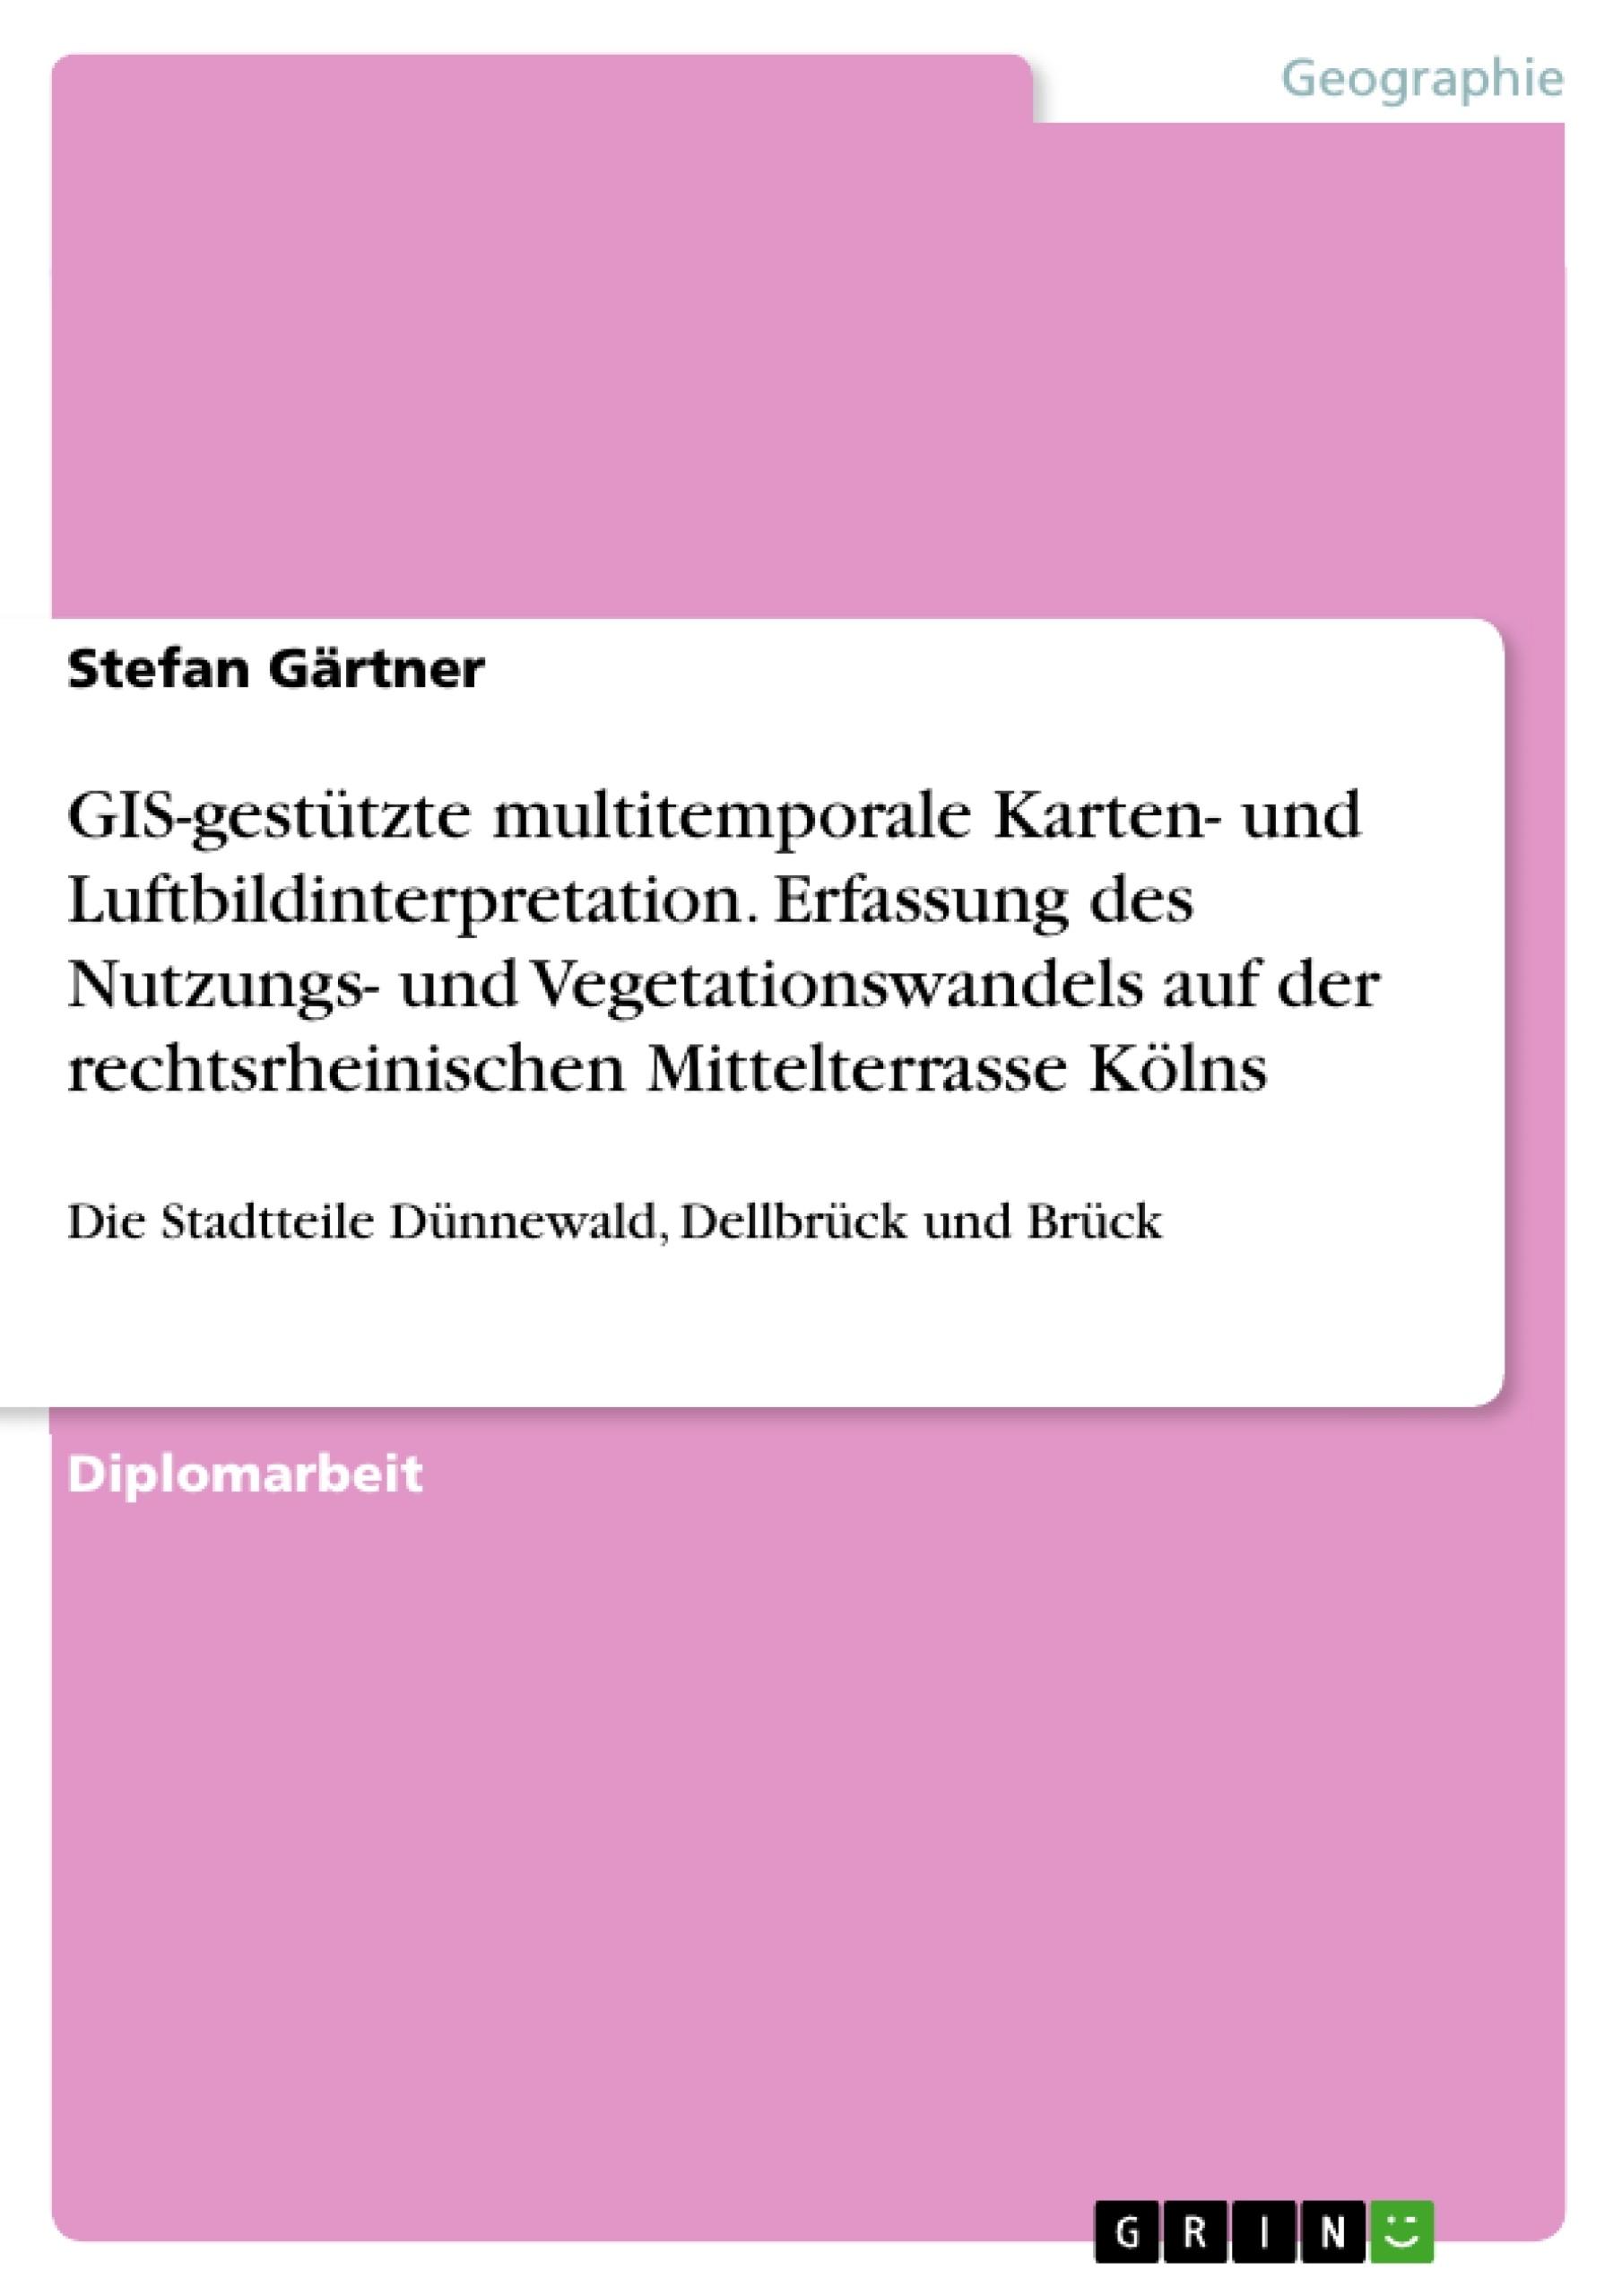 Titel: GIS-gestützte multitemporale Karten- und Luftbildinterpretation. Erfassung des Nutzungs- und Vegetationswandels auf der rechtsrheinischen Mittelterrasse Kölns